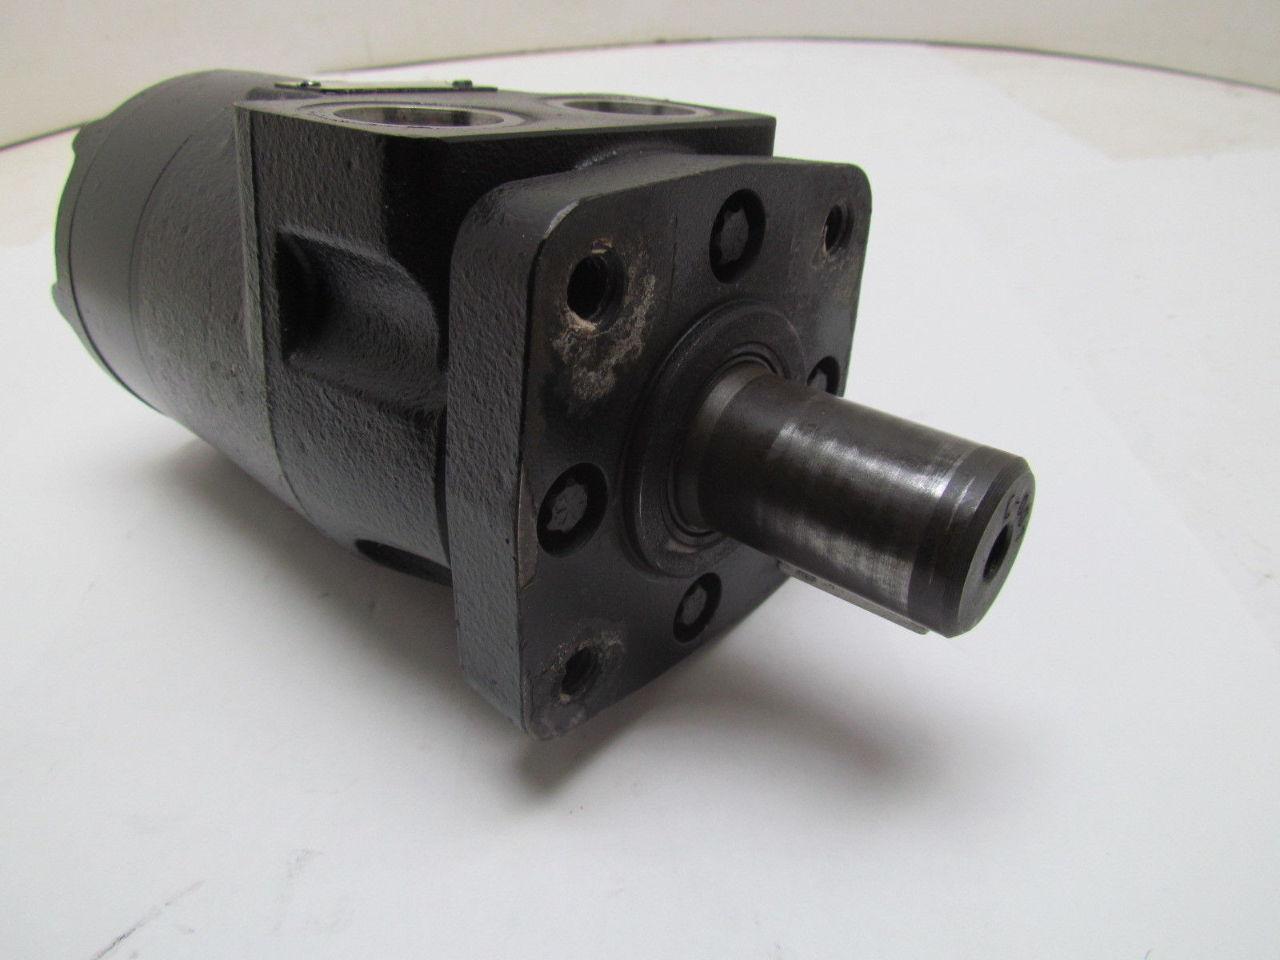 Eaton char lynn 146 1264 002 hydraulic motor ebay for Char lynn eaton hydraulic motors